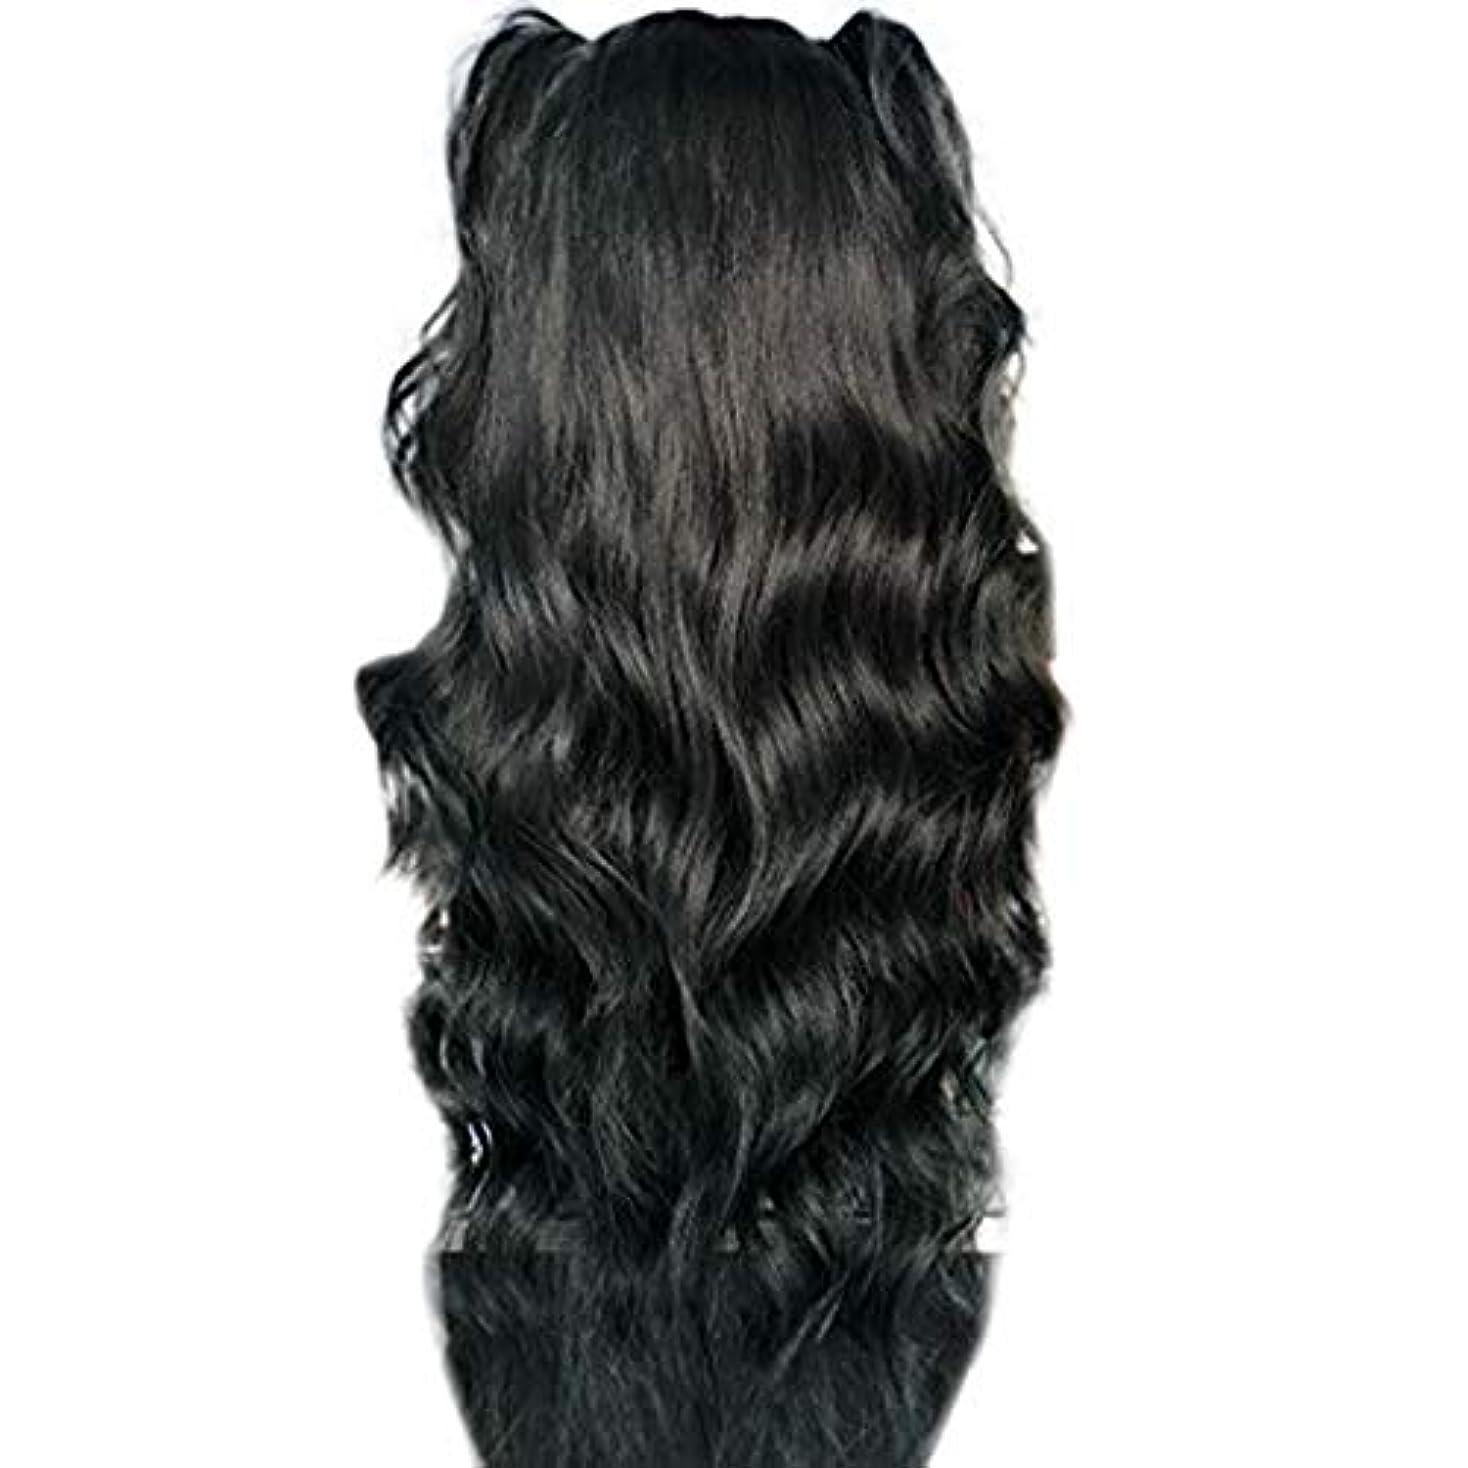 石炭飲食店乳製品かつら女性長い巻き毛の化学繊維高温シルクフロントレースかつら26インチ